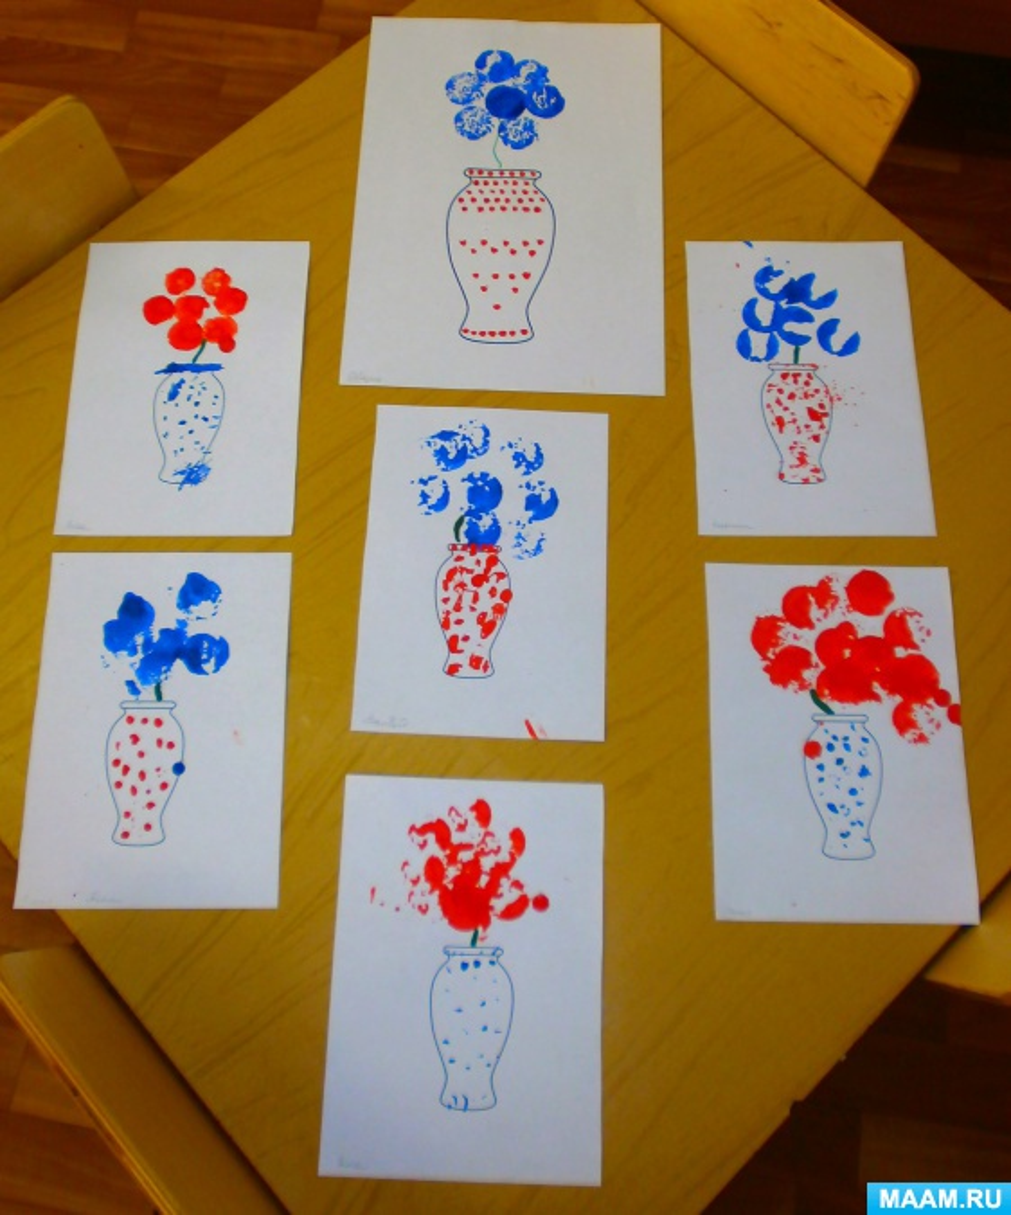 Конспект НОД по рисованию в технике оттиска пробкой «Букет для мамы»